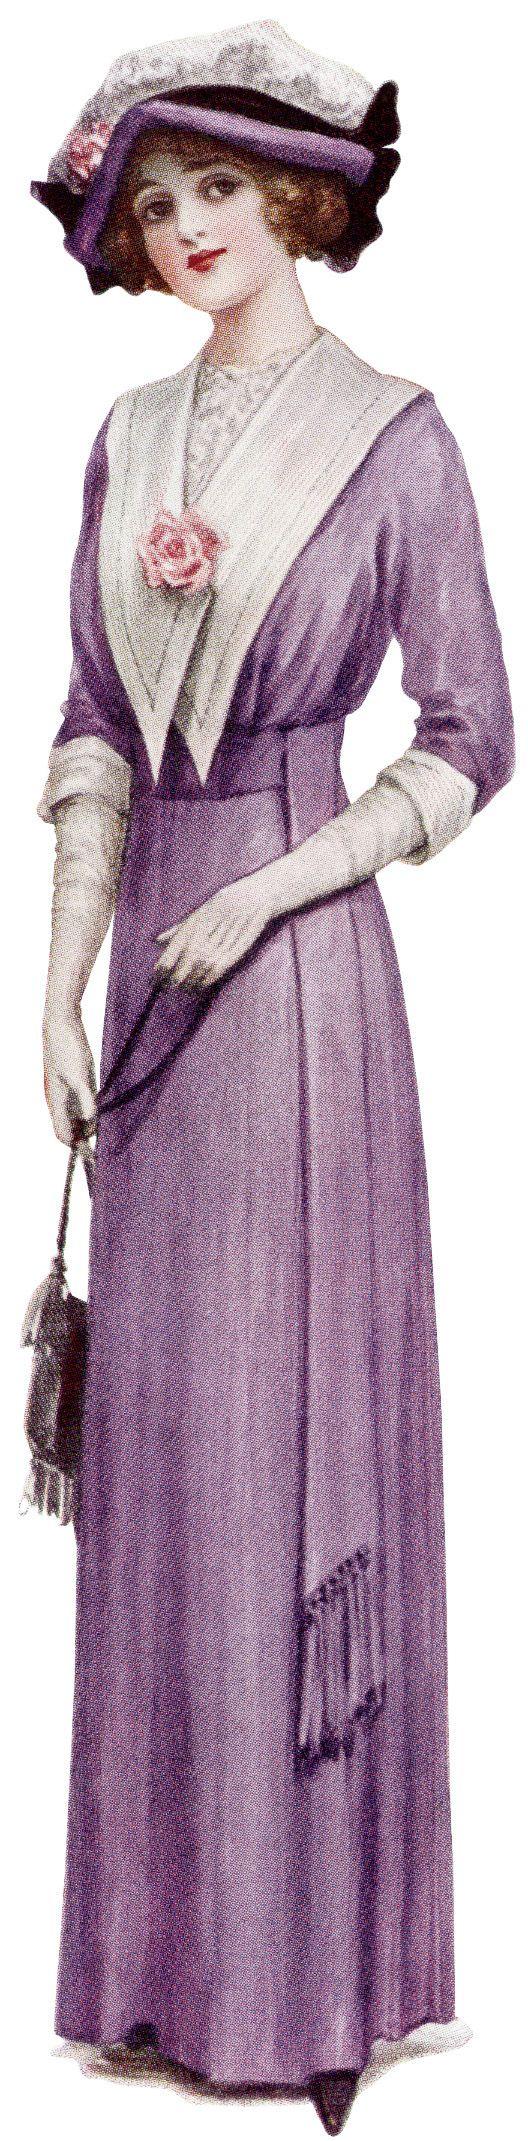 purple fashions | victorian lady, fashion 1912, vintage purple dress, antique fashion ...